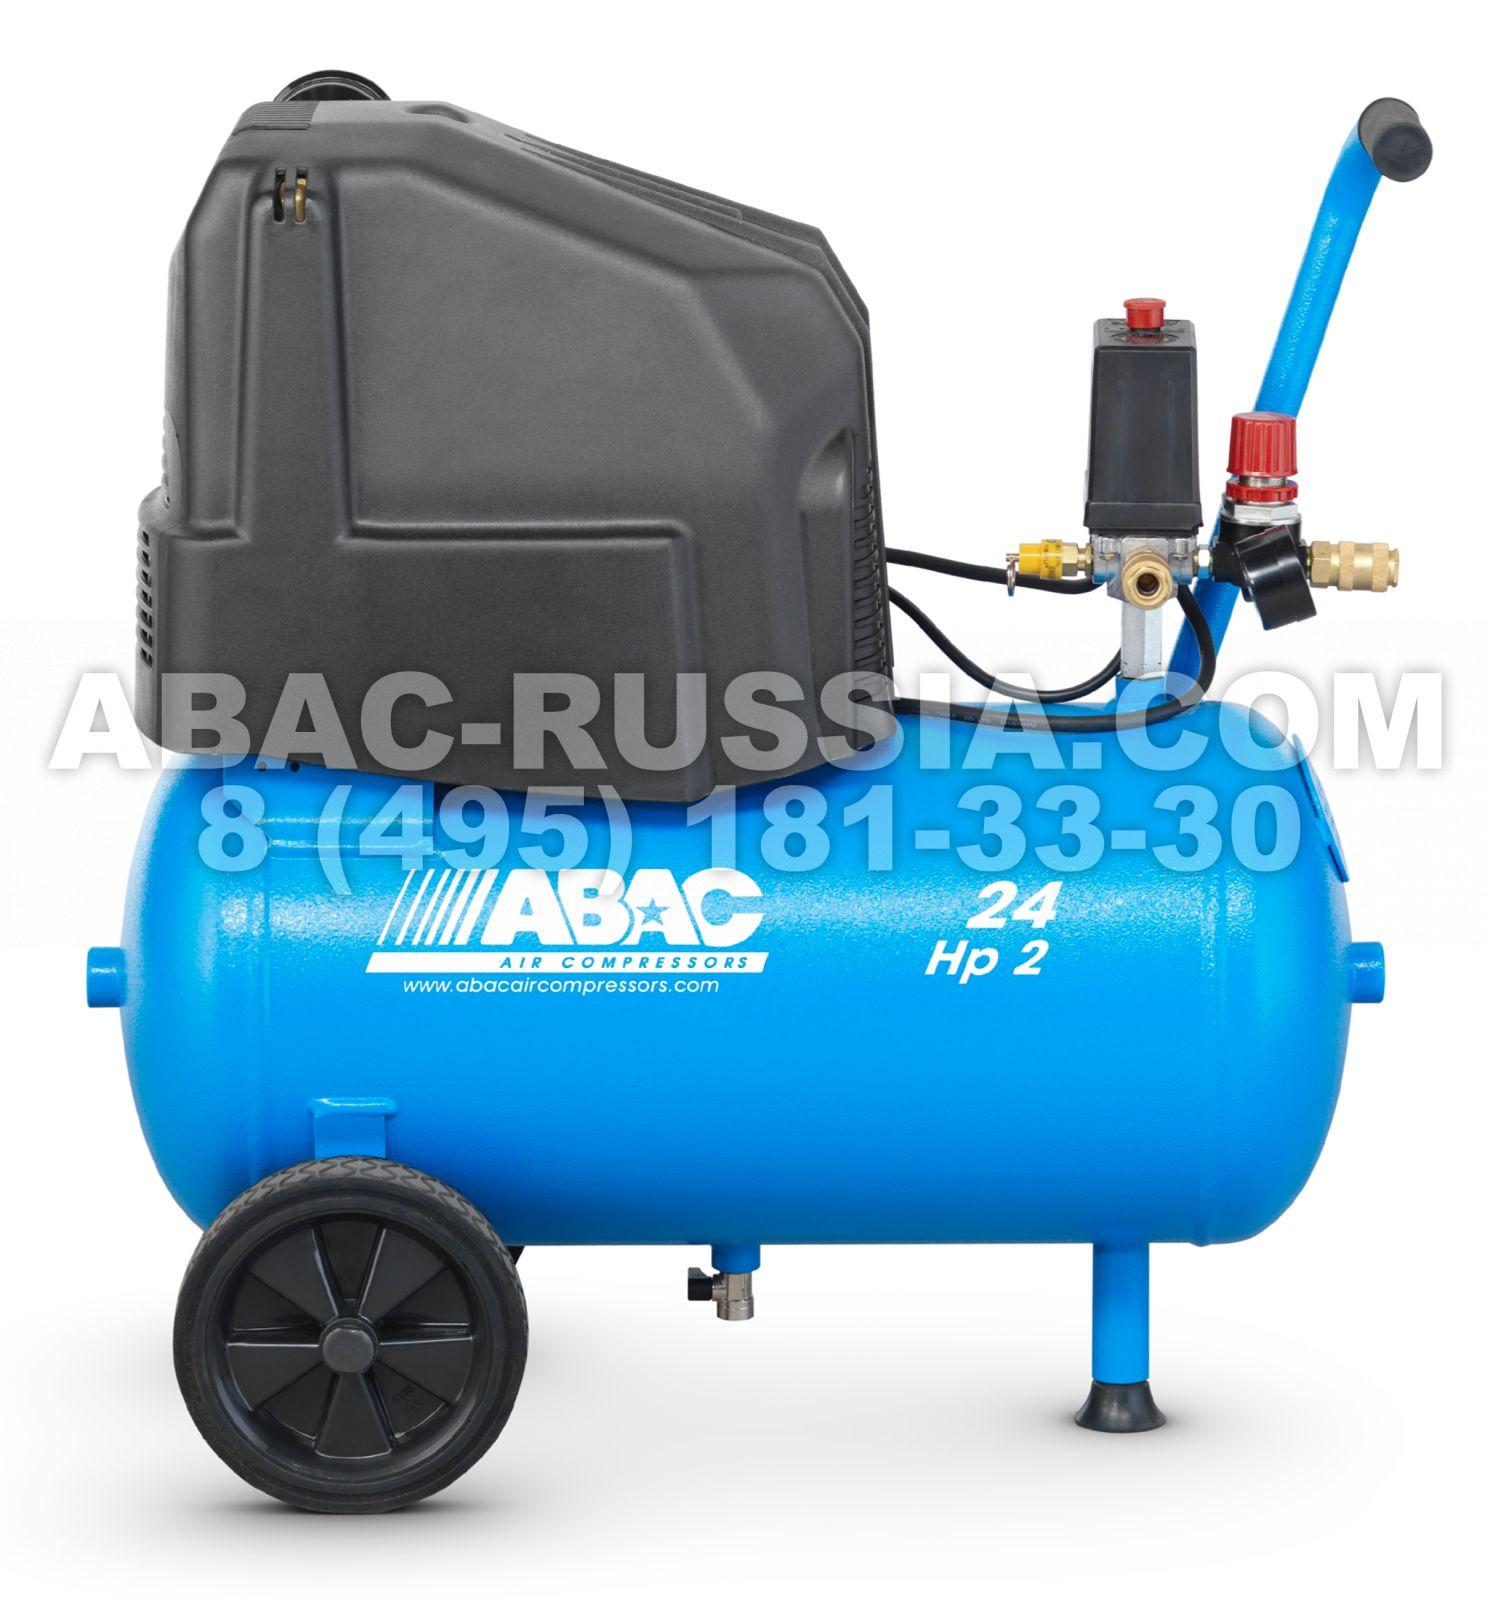 Поршневой компрессор ABAC Pole Position O20P 1121210969